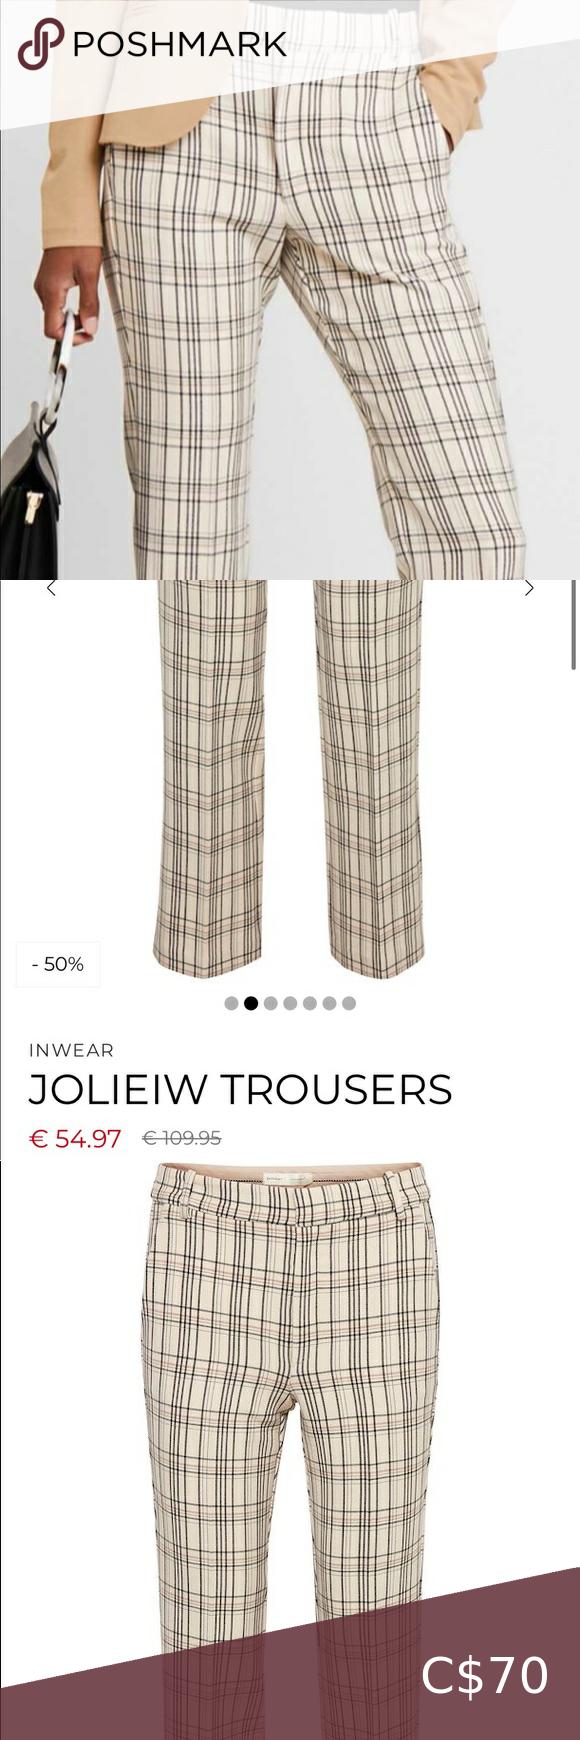 S0s inwear - joliew trousers